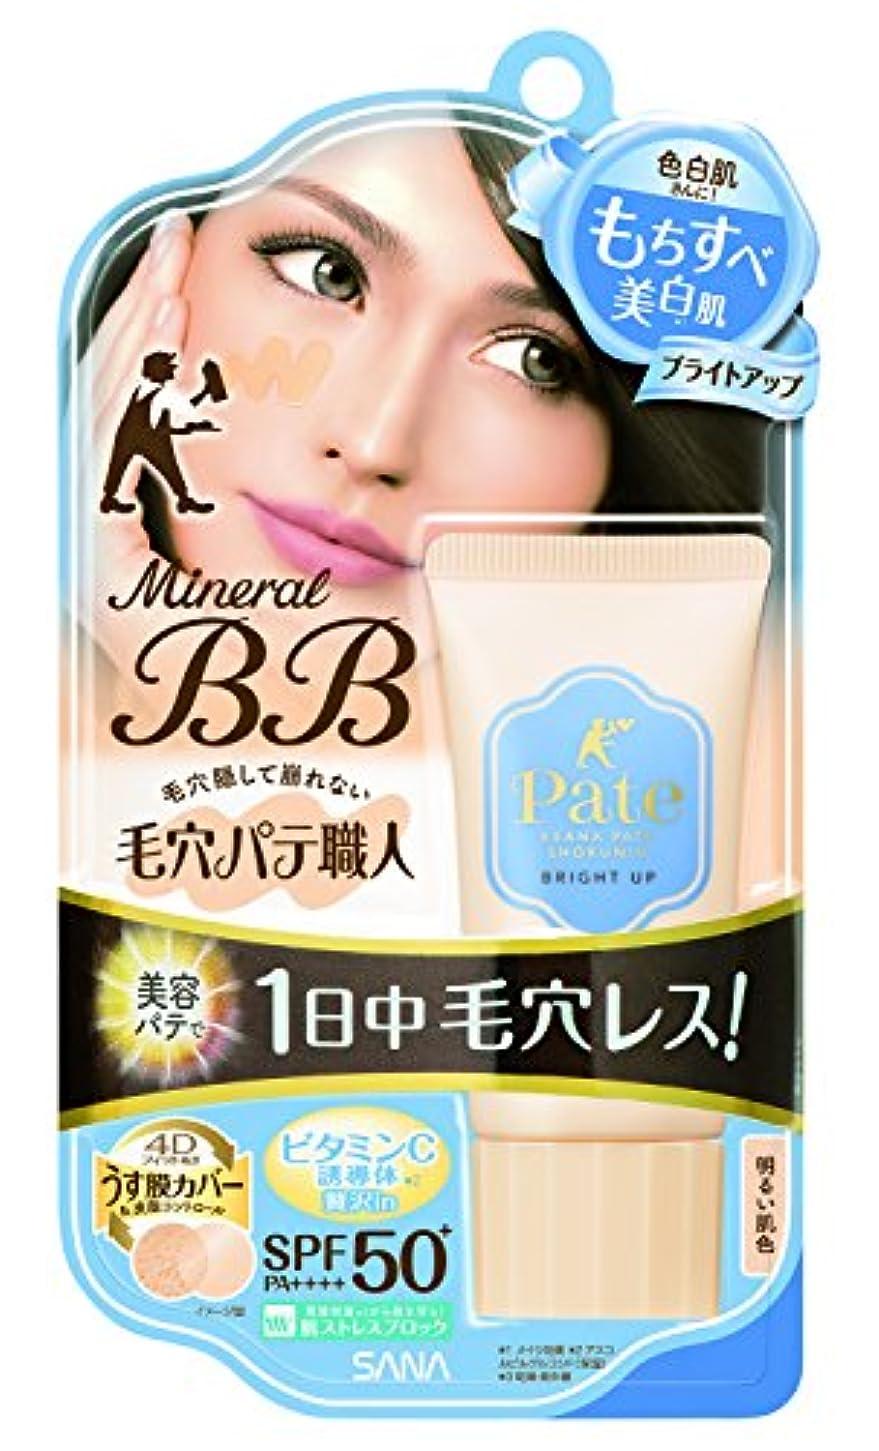 アリス適切な正確に毛穴パテ職人 ミネラルBBクリーム ブライトアップ 明るい肌色 30g